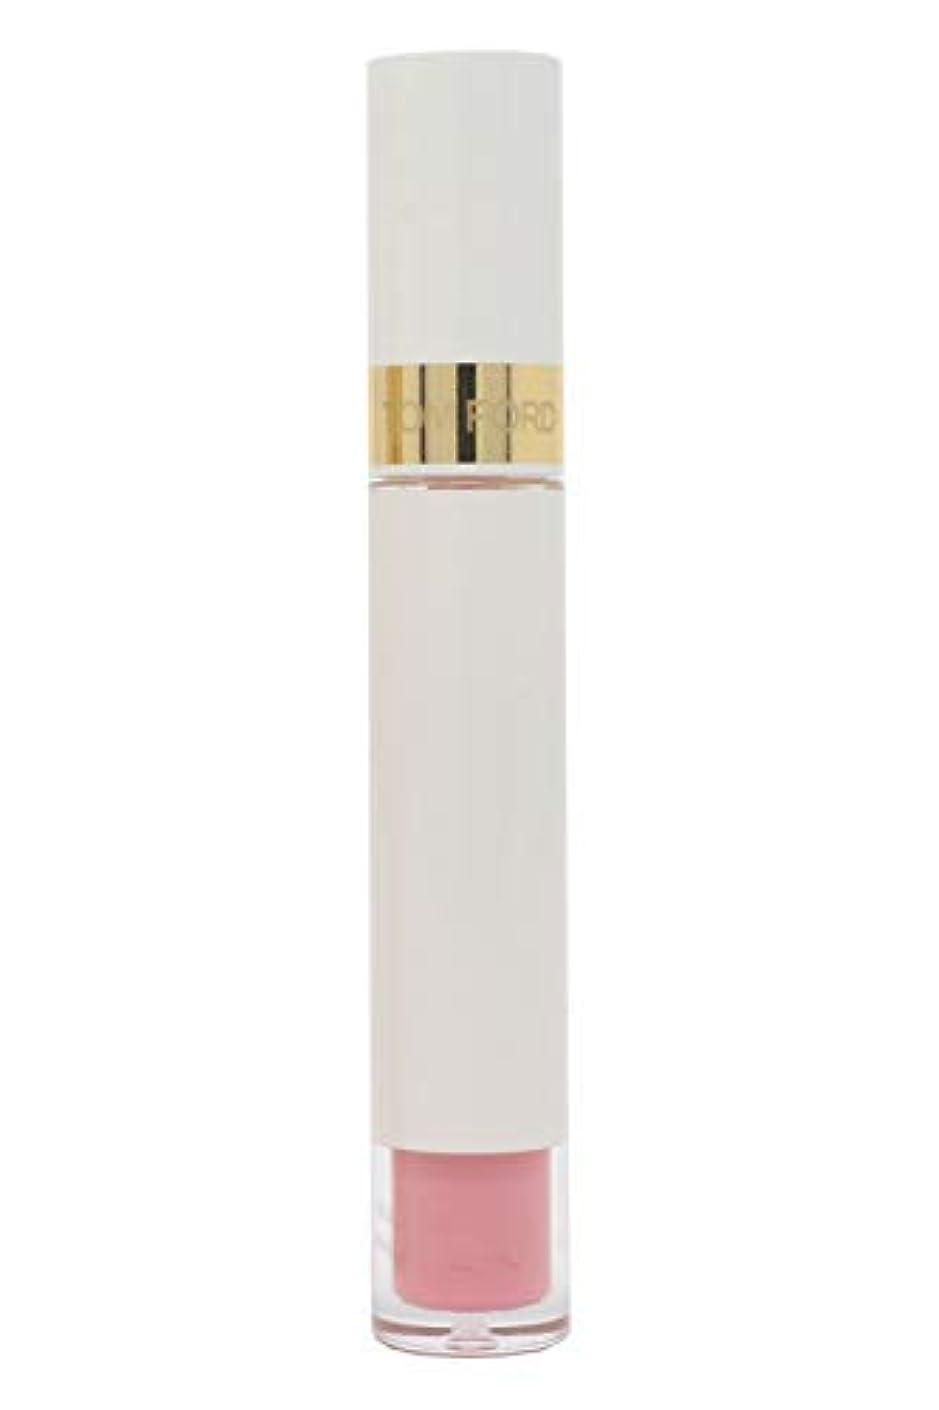 鮫セッティング仕事に行くトム フォード Lip Lacqure Liquid Tint - # 02 Escapist 2.7ml/0.09oz並行輸入品